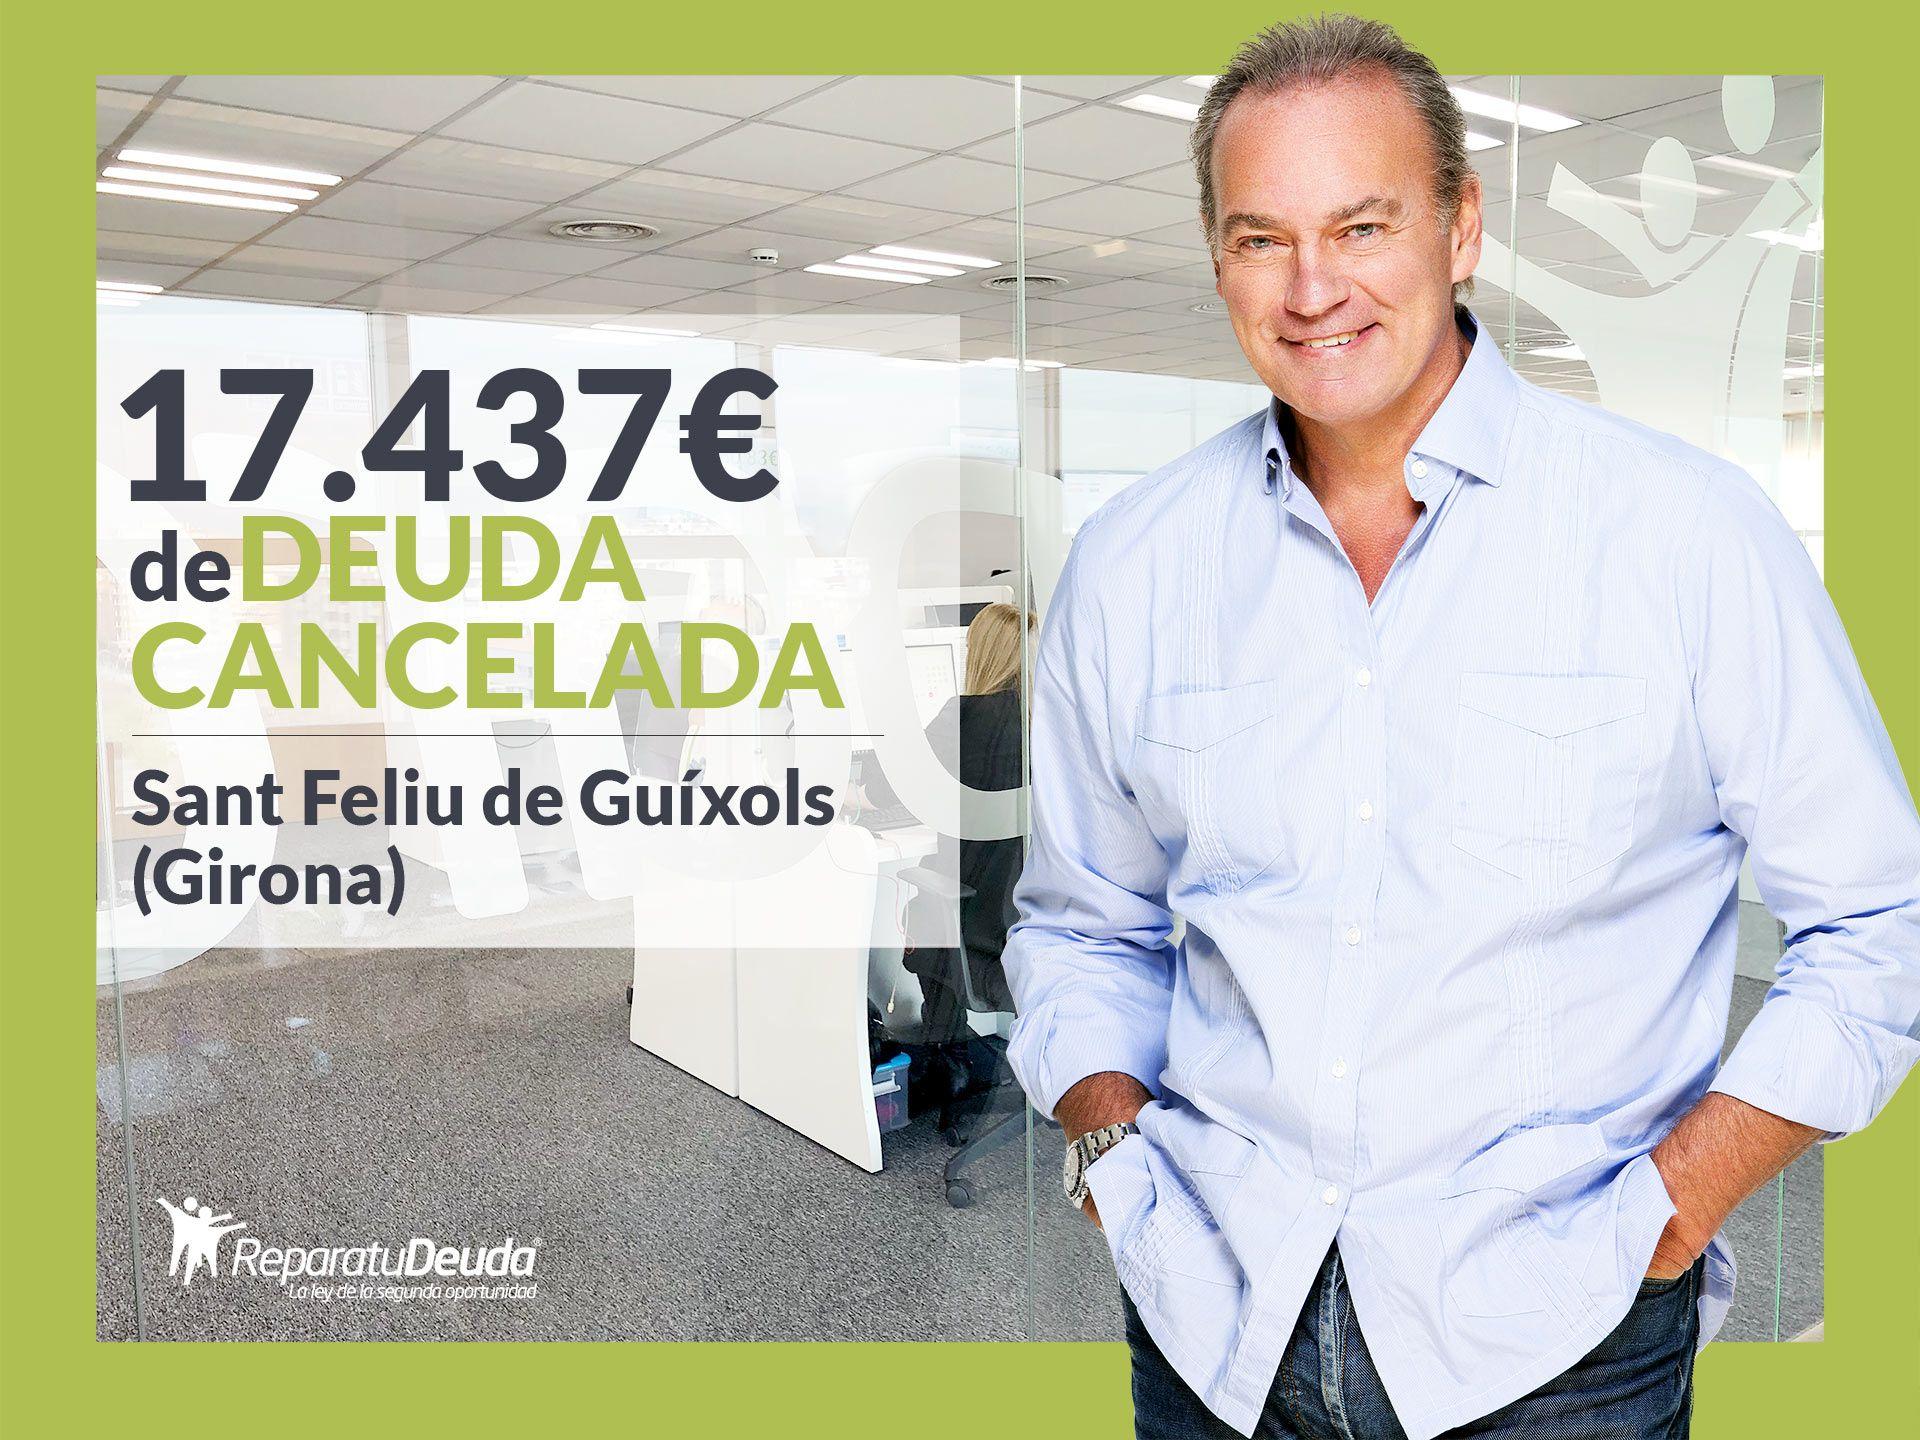 https://static.comunicae.com/photos/notas/1228622/1632224499_REPARAminBEPI_CSR.jpg